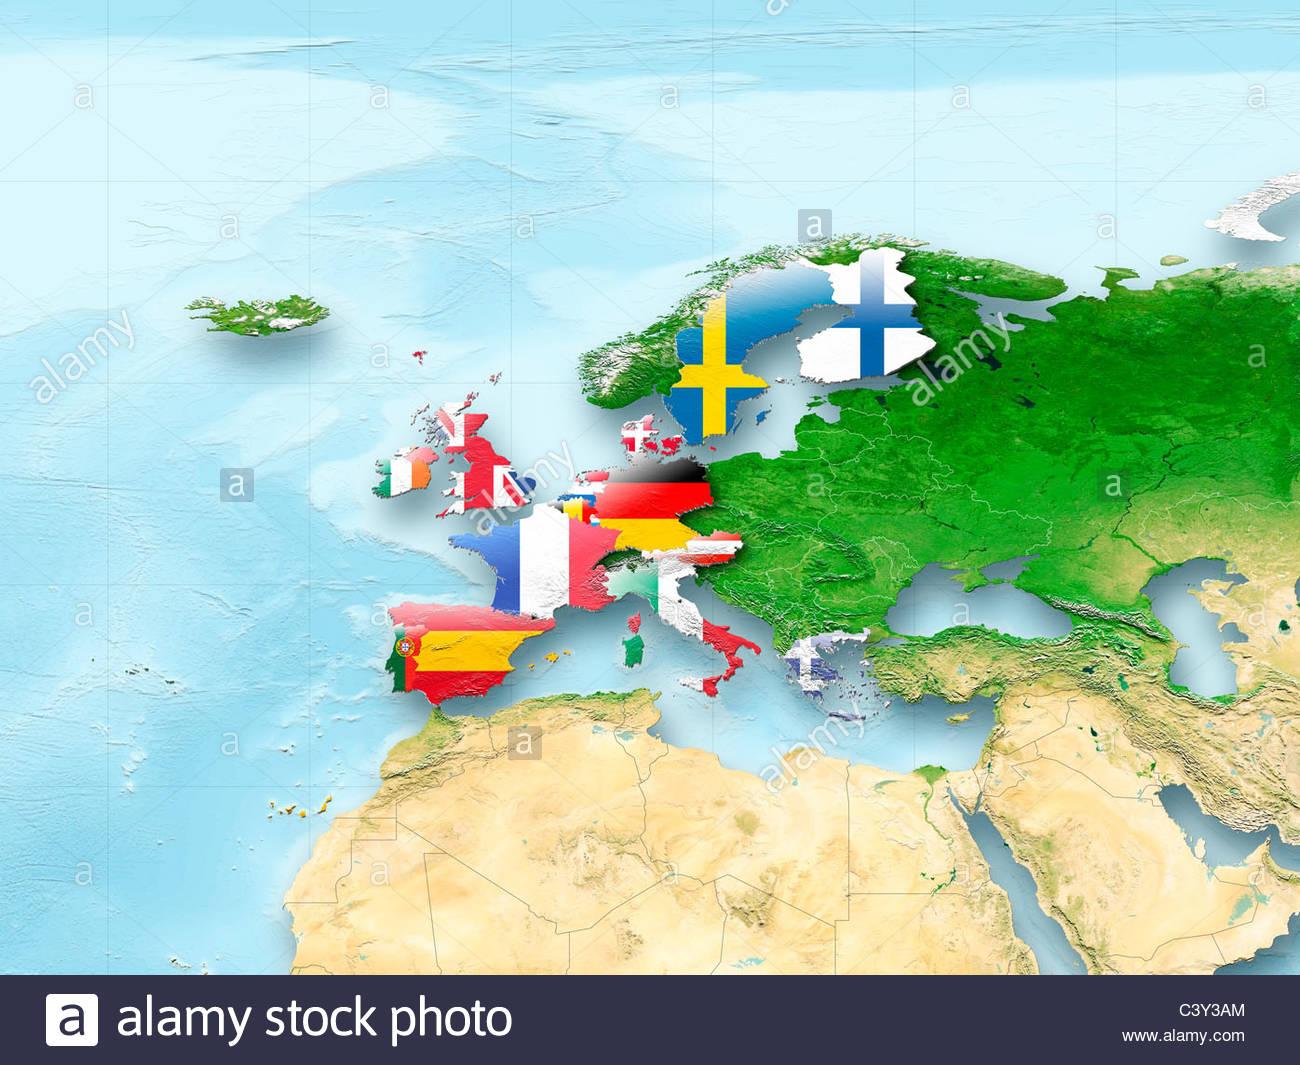 Map, Western Europe, Flag, Flags, European Union, Flag, Political